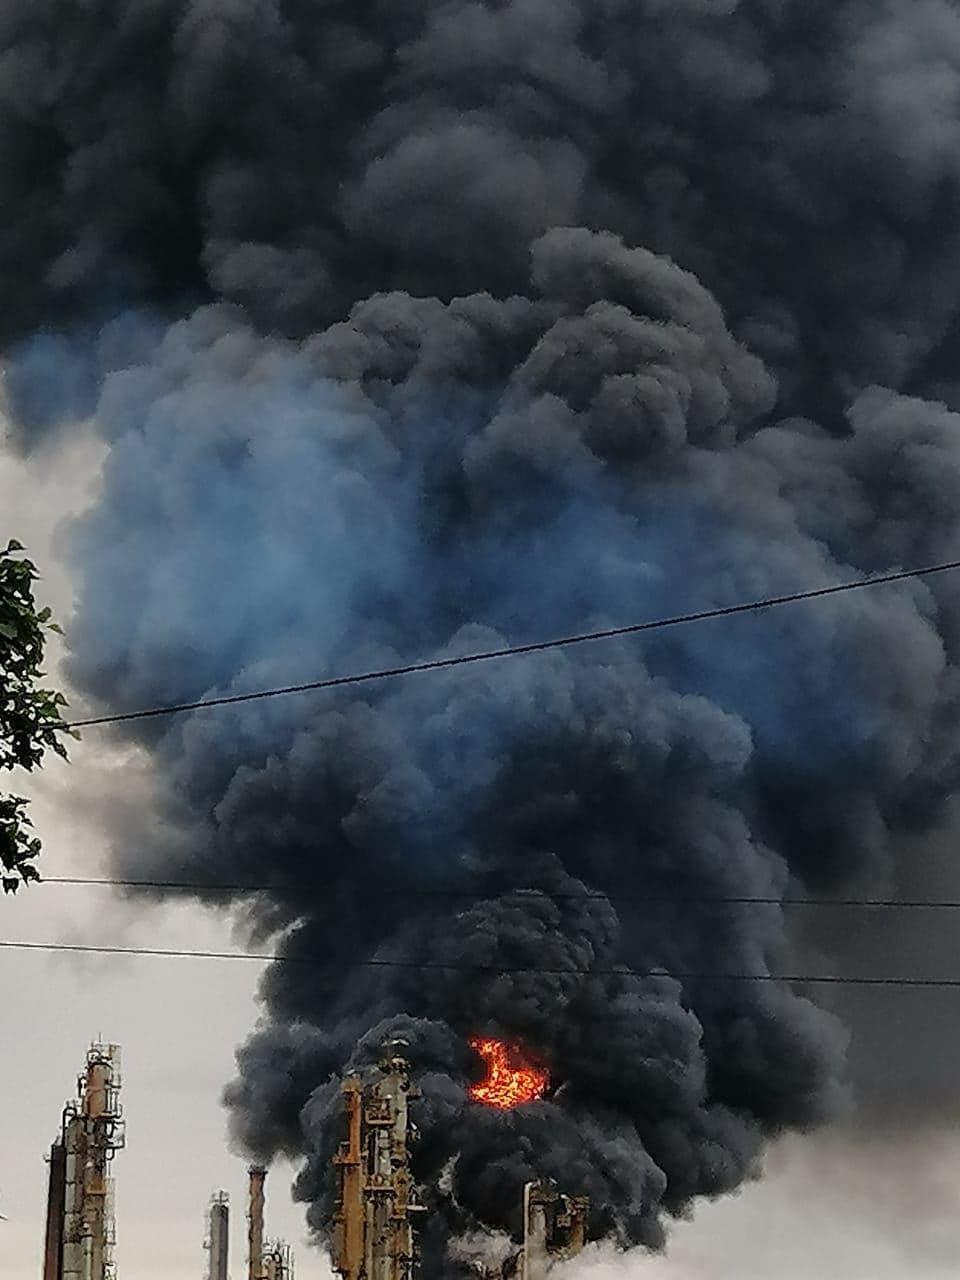 Пожар на нефтеперерабатывающем заводе Engen в южноафриканском городе Дурбан (3 фото + 3 видео)